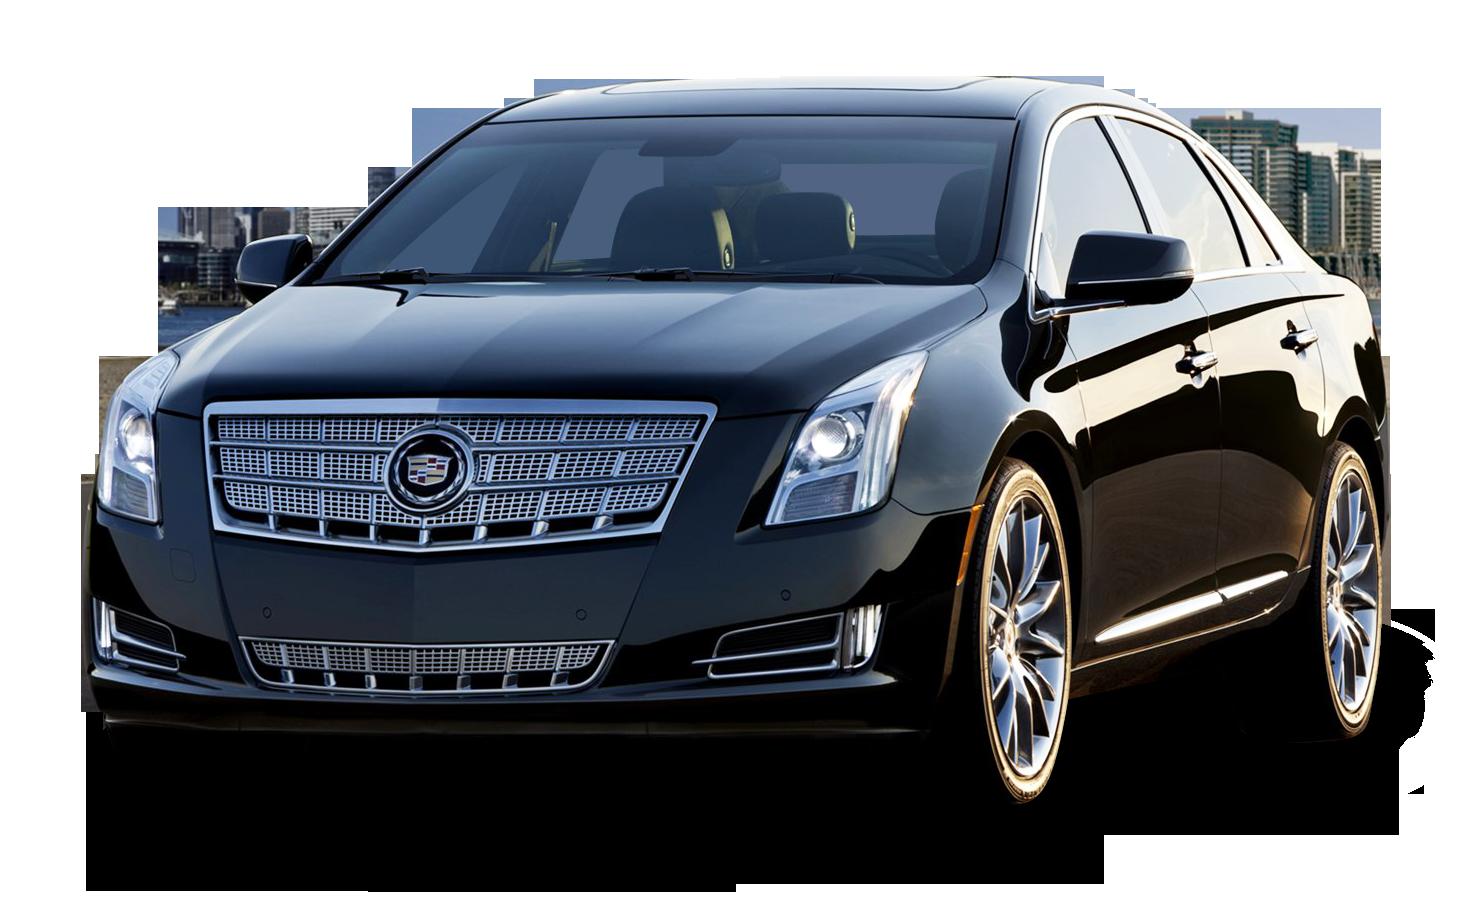 Cadillac XTS Black Car PNG Image.